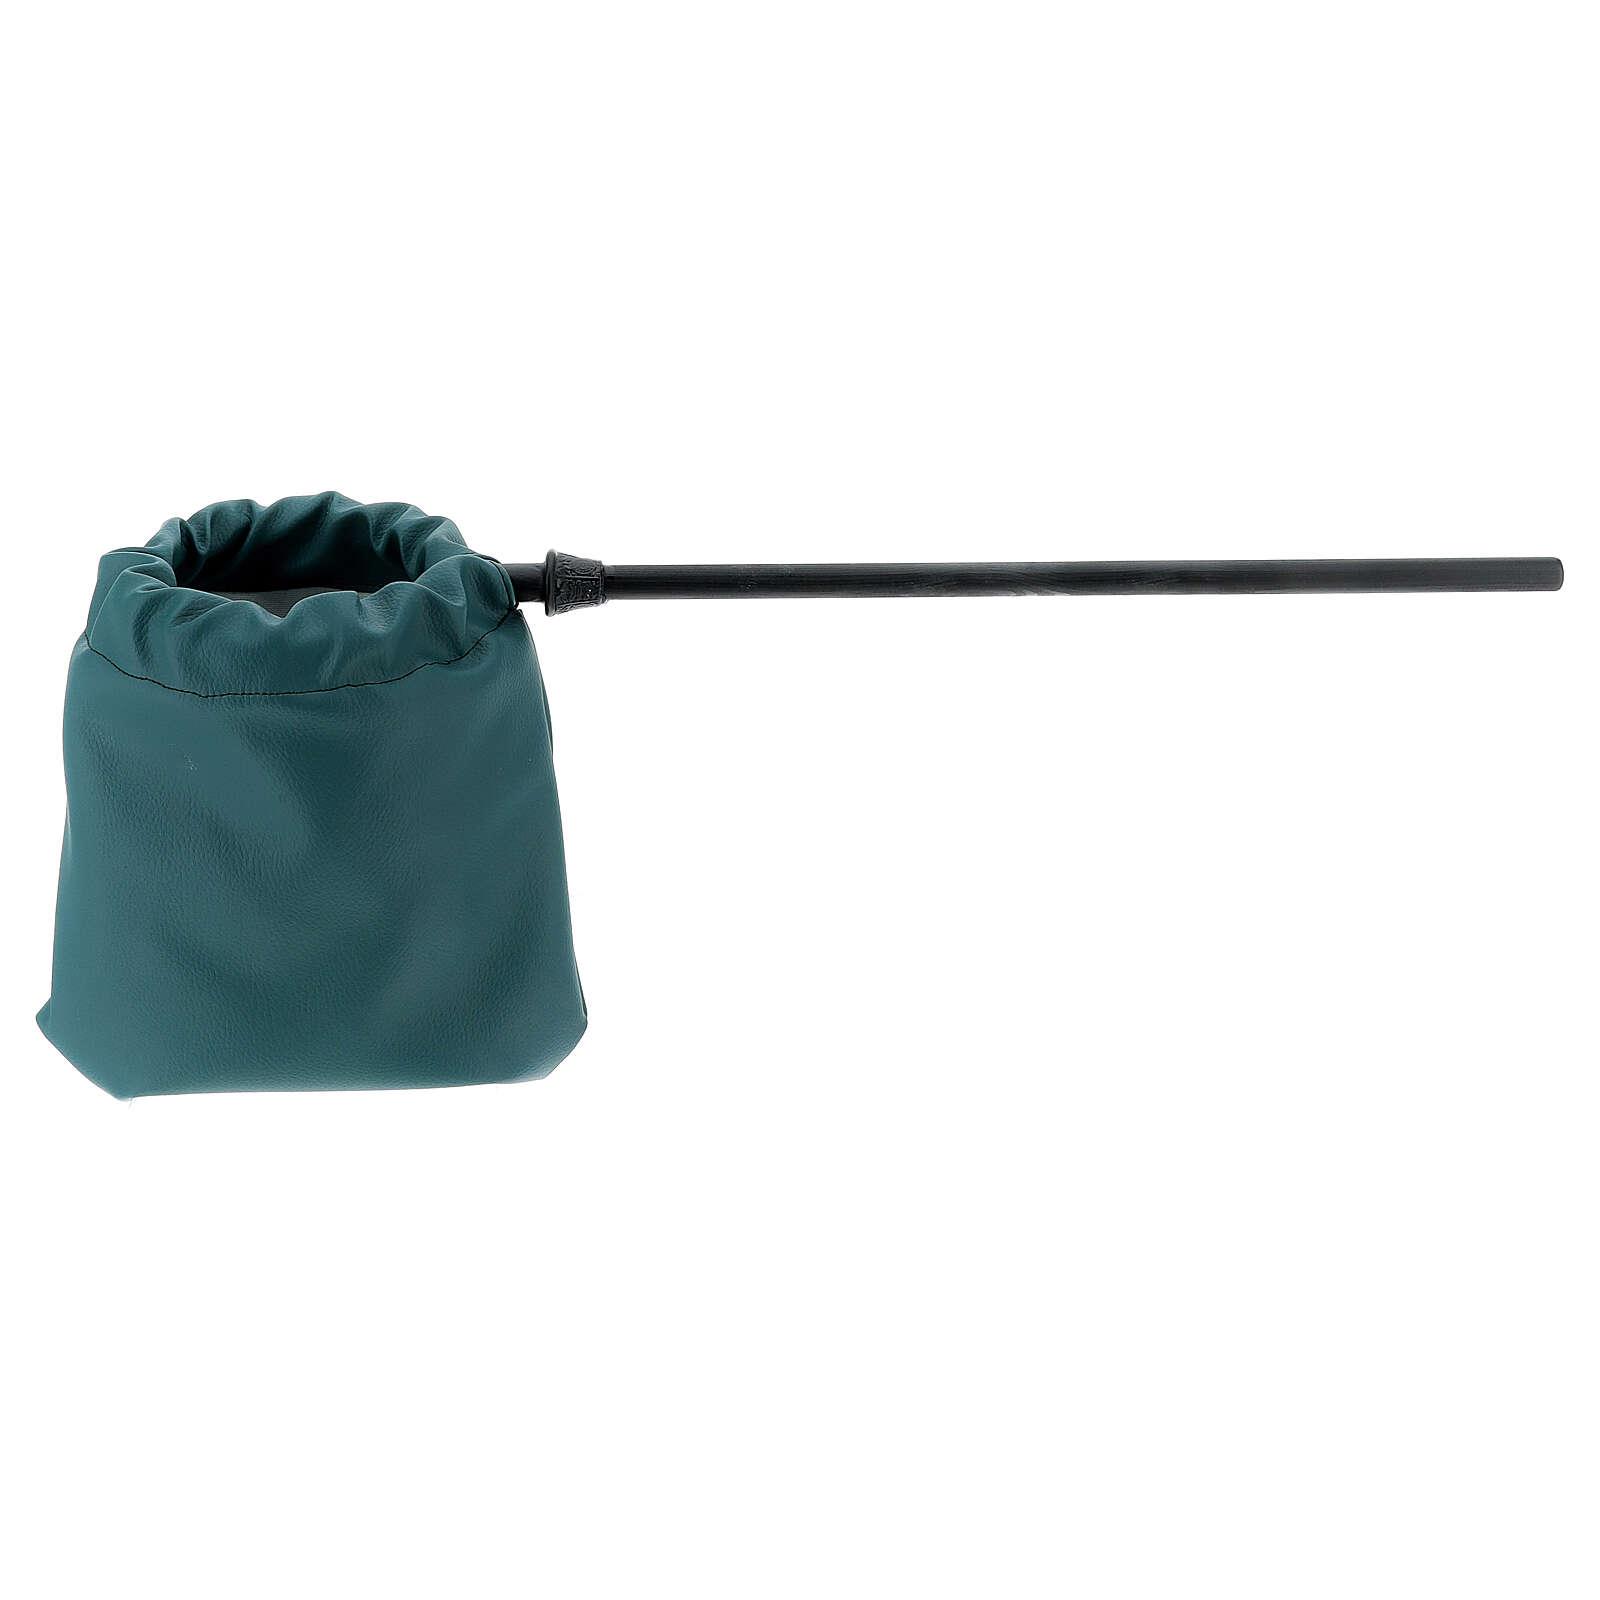 Sac pour offrandes en imitation cuir vert 3